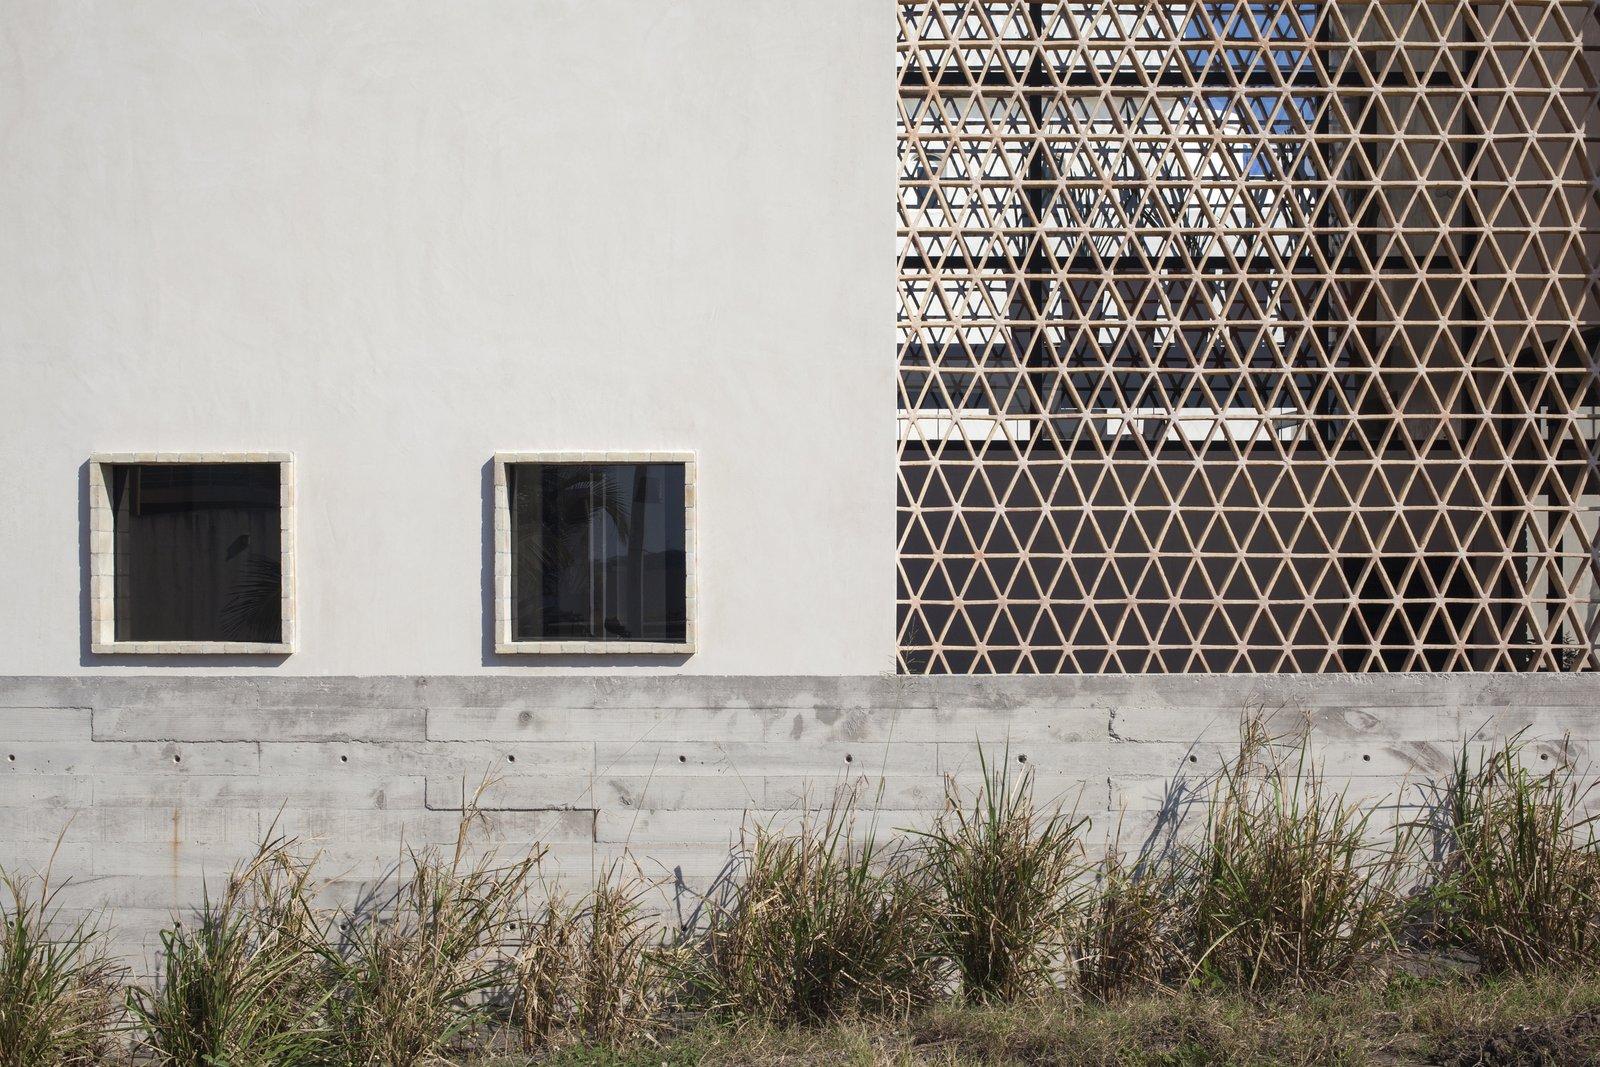 Outdoor and Horizontal Fences, Wall Concrete, clay bricks and chucum.  Casa Iguana by OBRA BLANCA